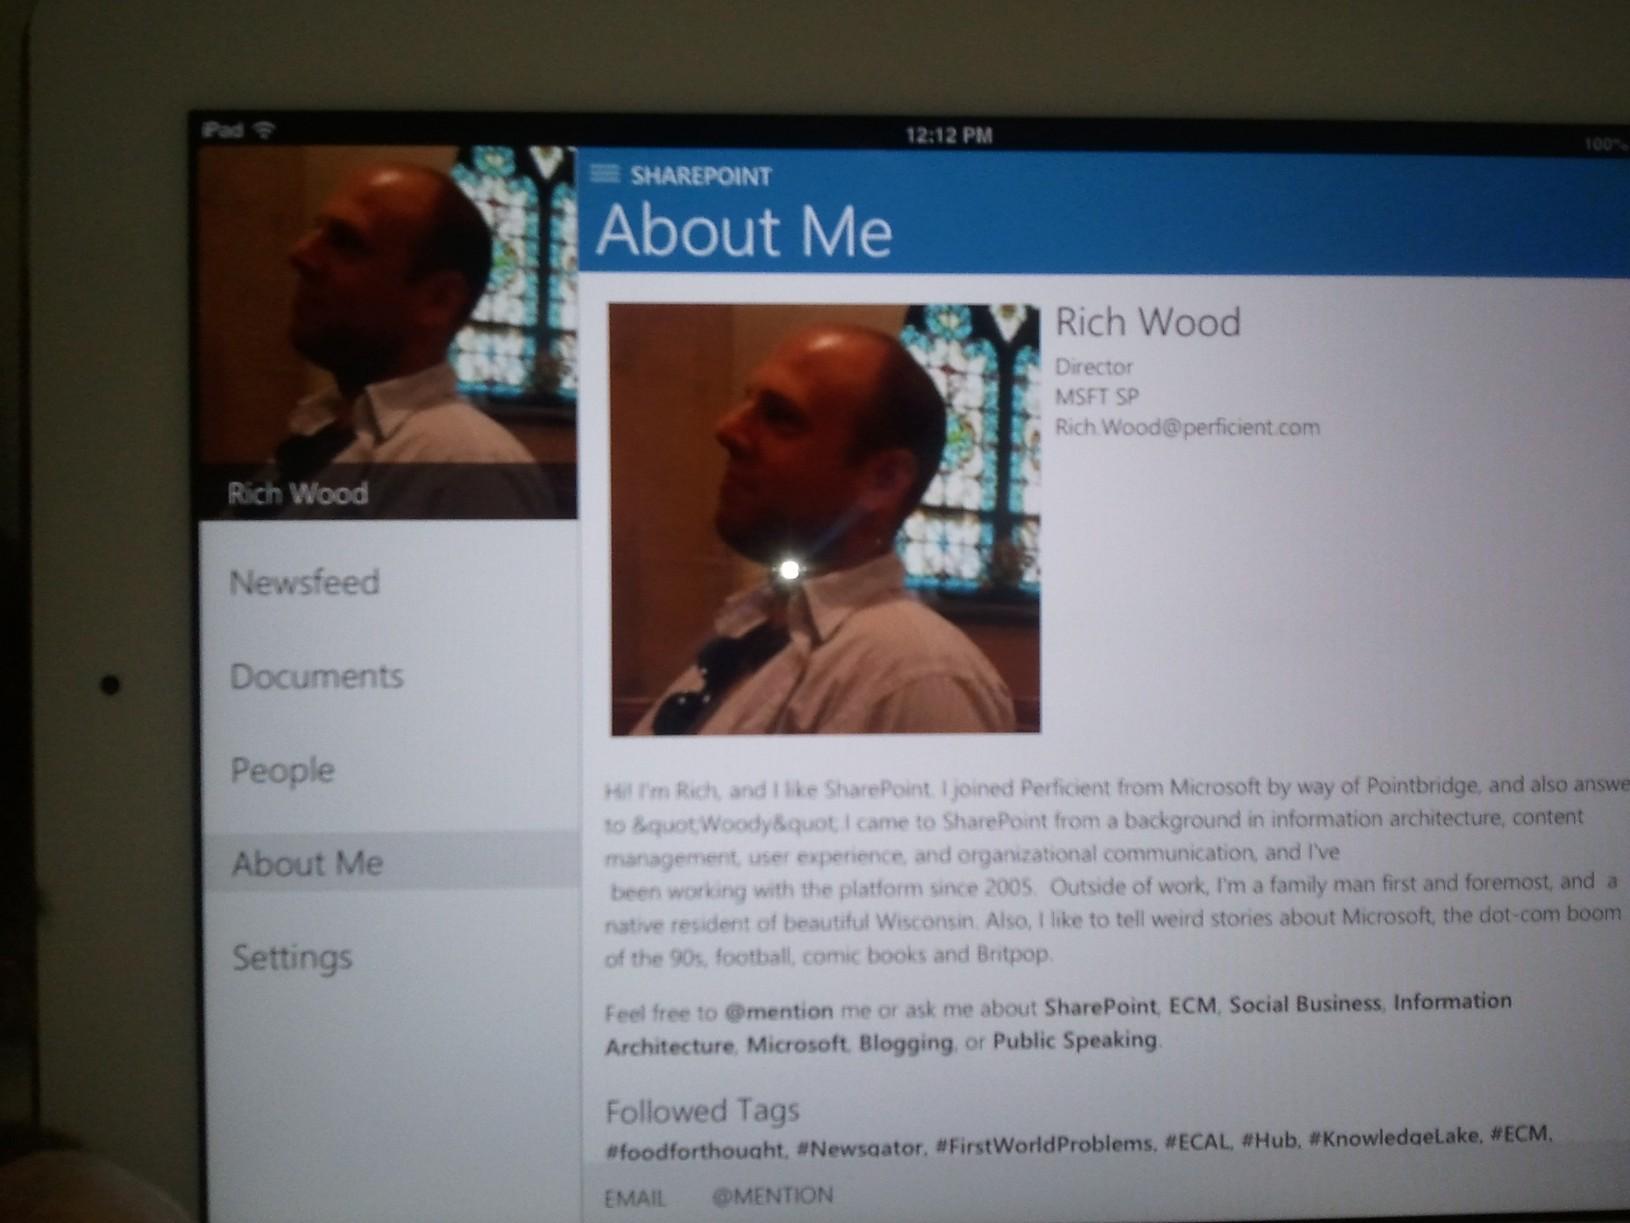 Sharepoint 2013 Social Newsfeed is now an iOS App!